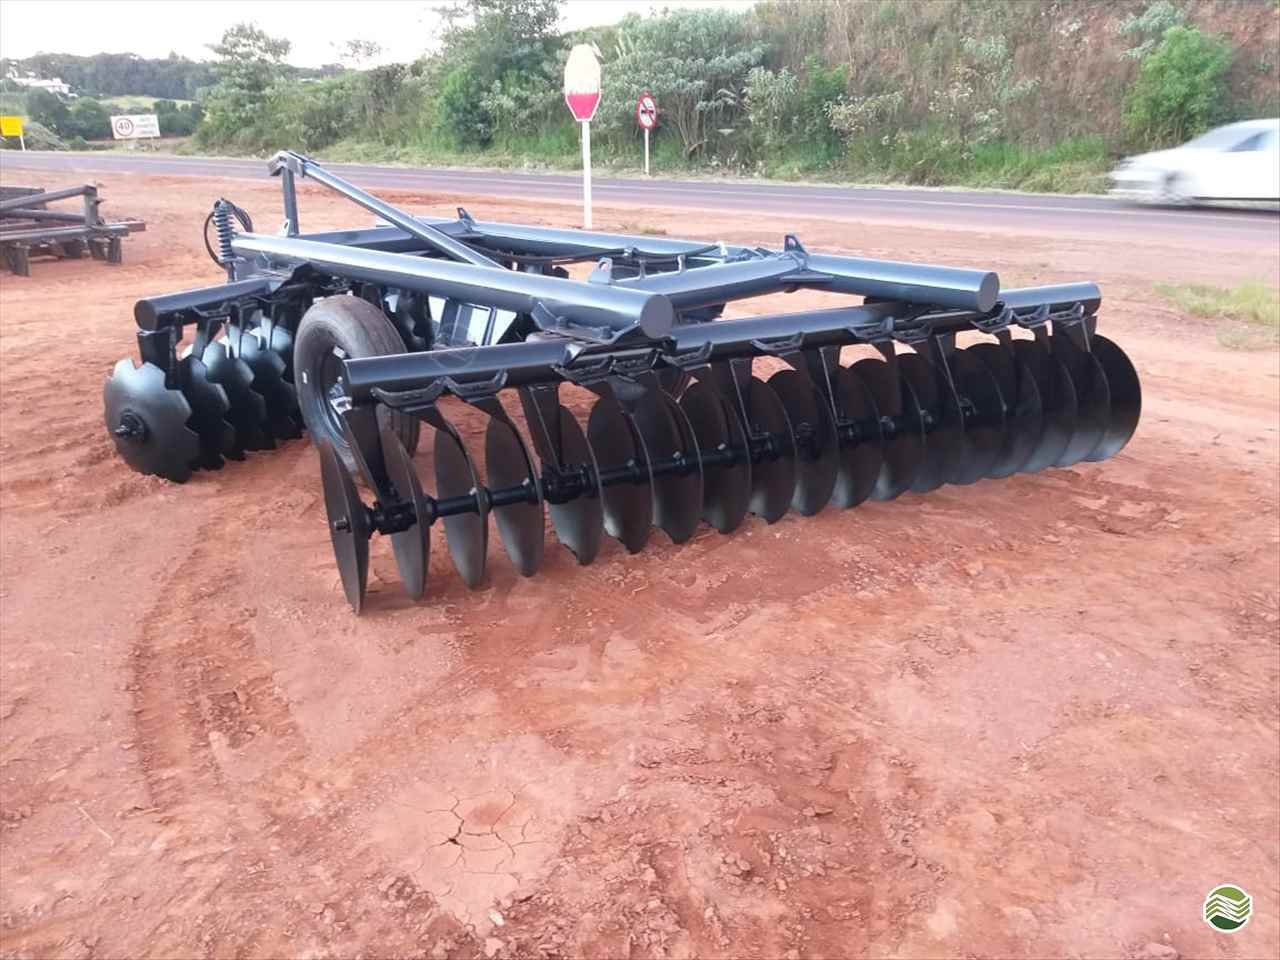 IMPLEMENTOS AGRICOLAS GRADE NIVELADORA NIVELADORA 42 DISCOS Martins e Quadros CARAZINHO RIO GRANDE DO SUL RS